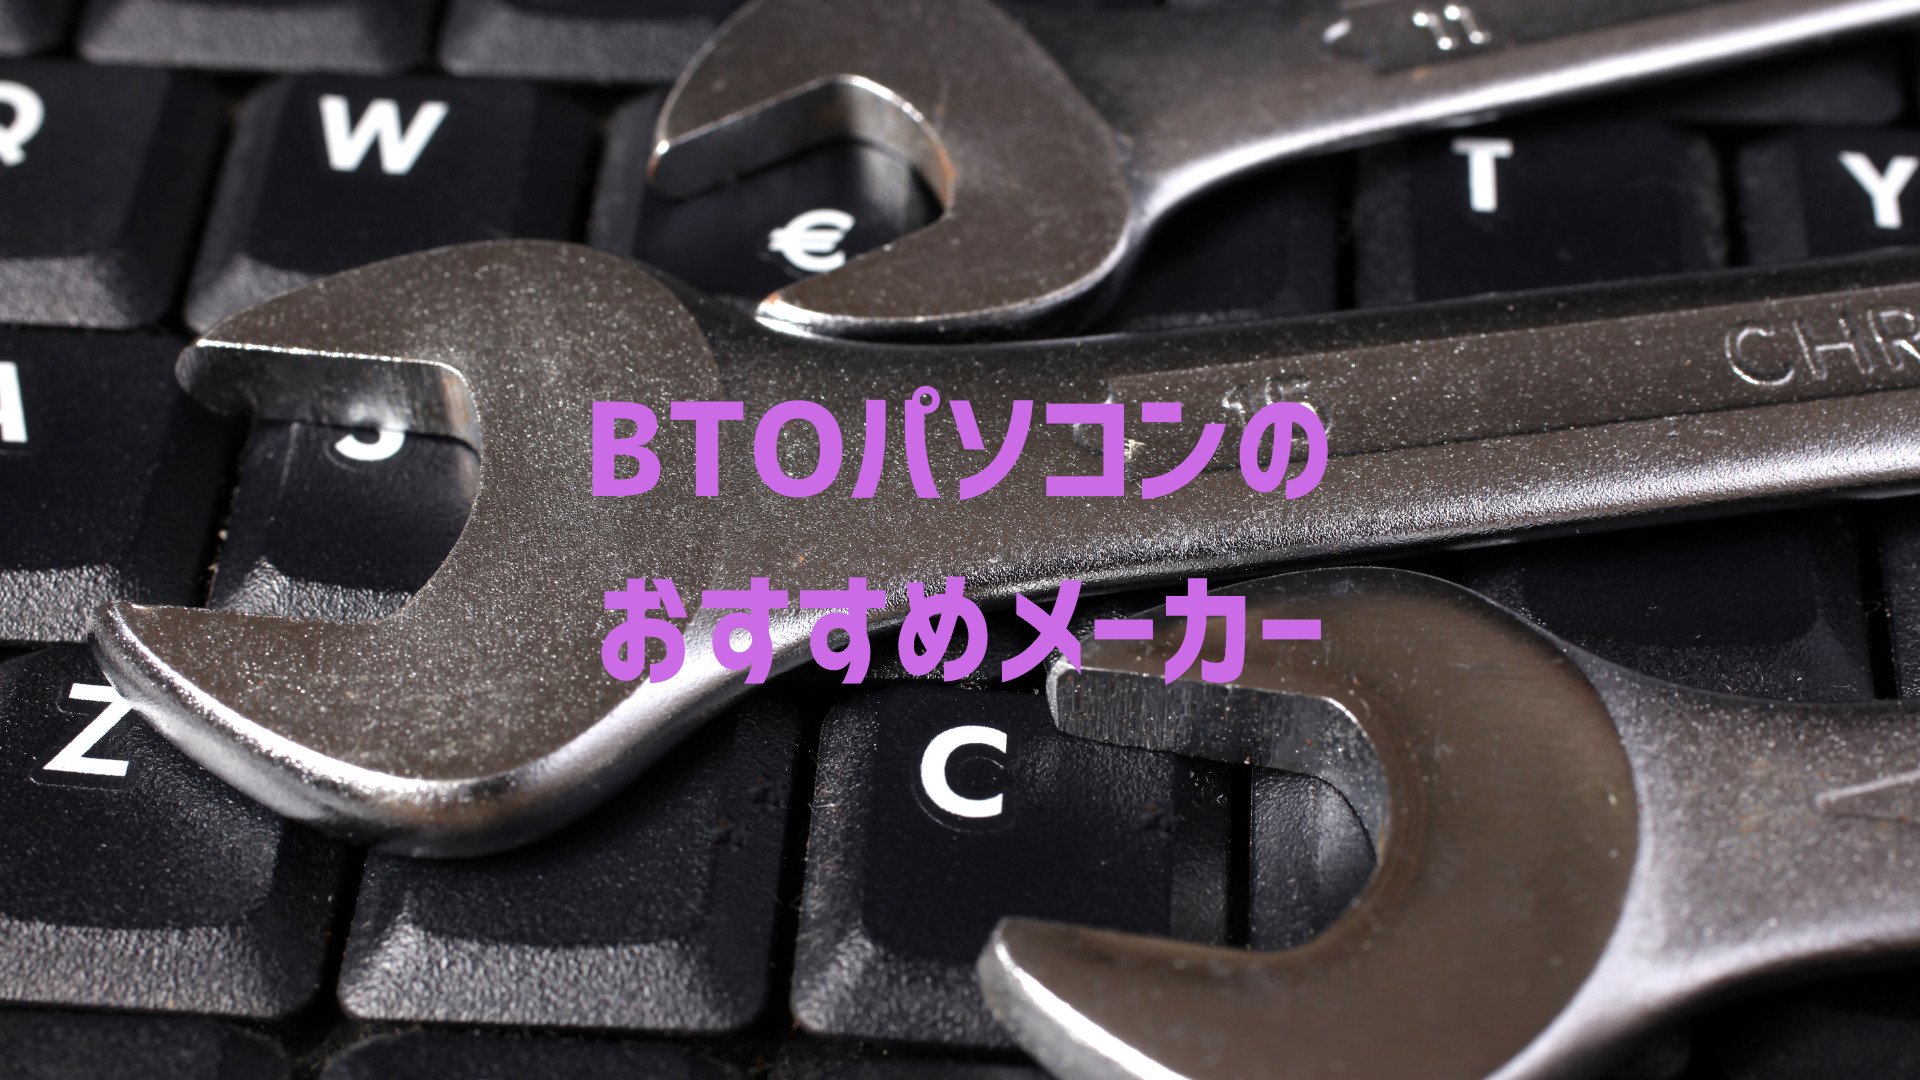 BTOパソコンのおすすめメーカー